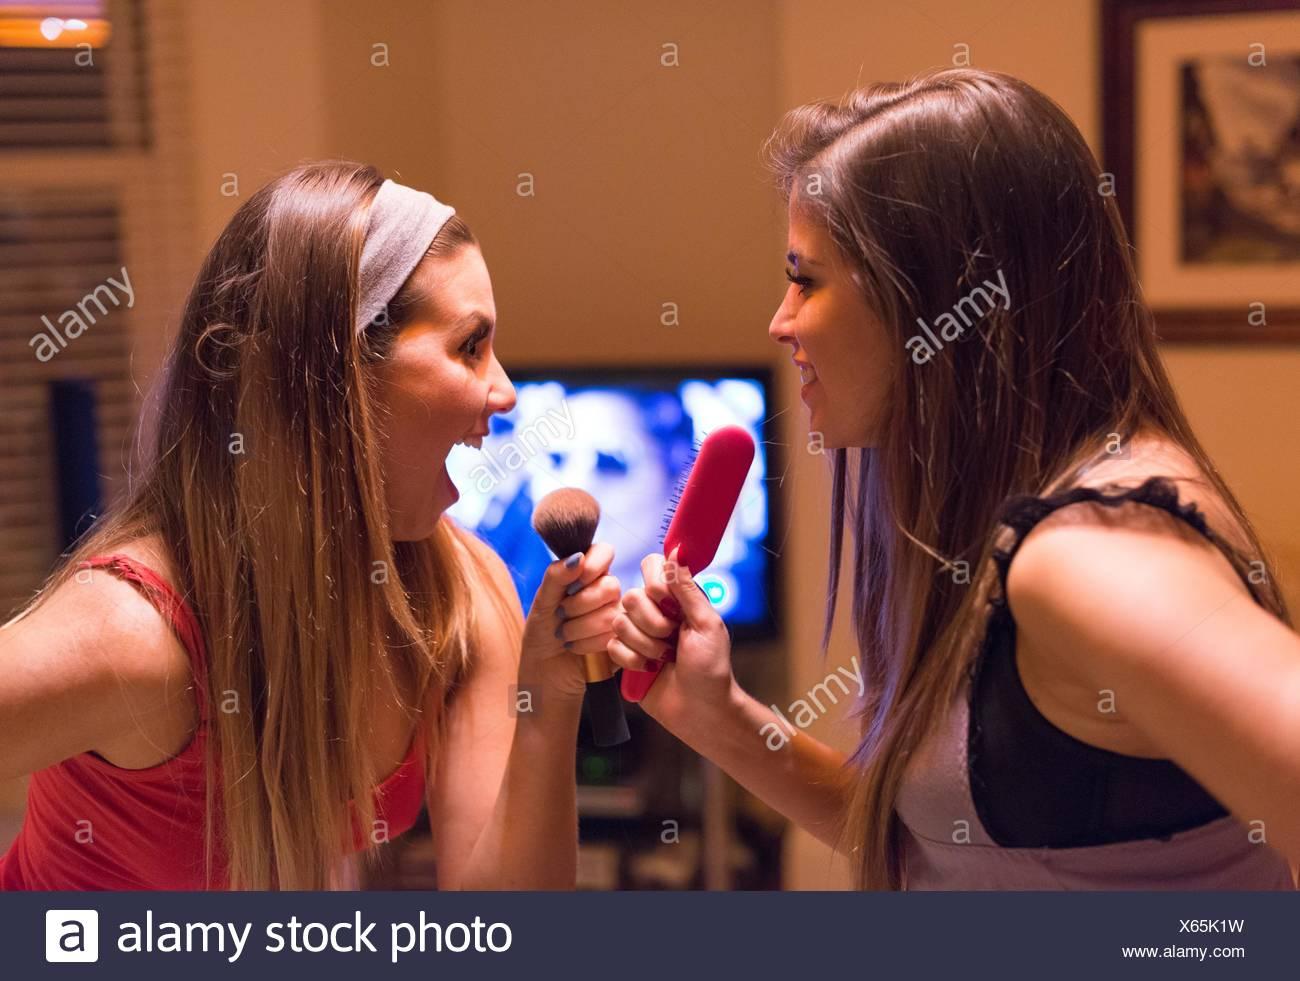 Deux jeunes femmes, chantant en coiffure et maquillage pinceaux Photo Stock